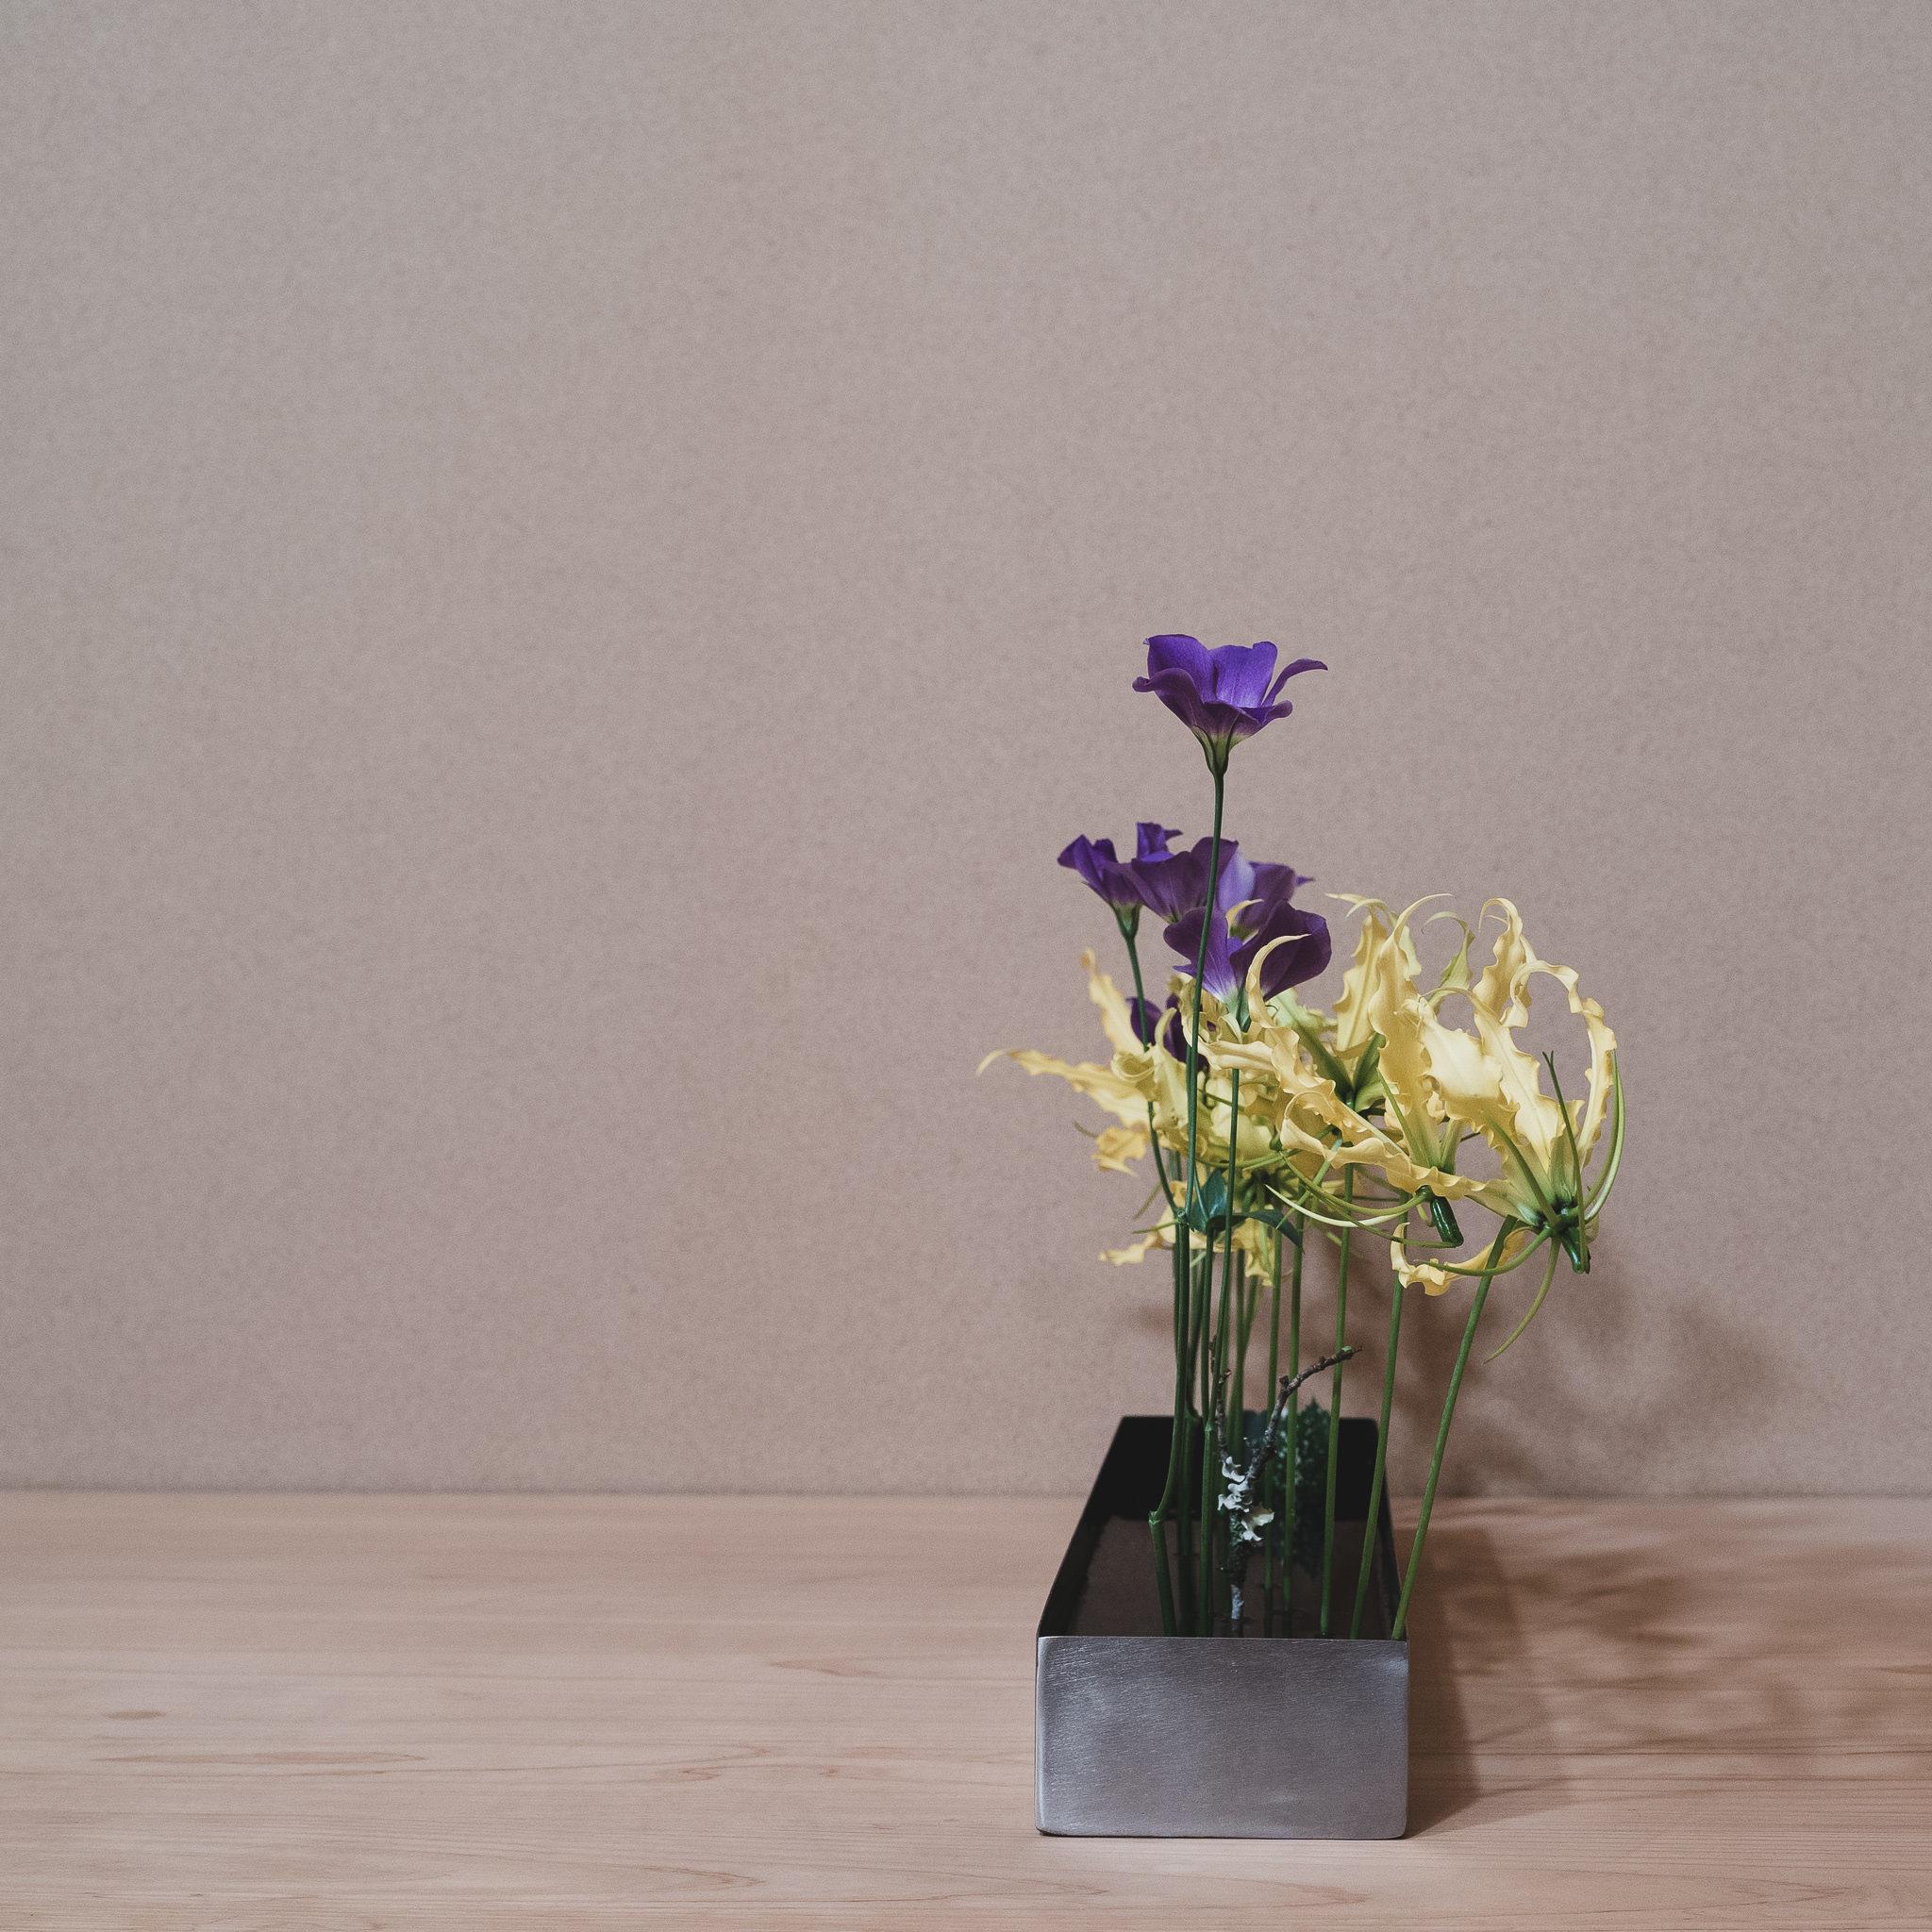 自由花 グロリオサ、トルコ桔梗、梅